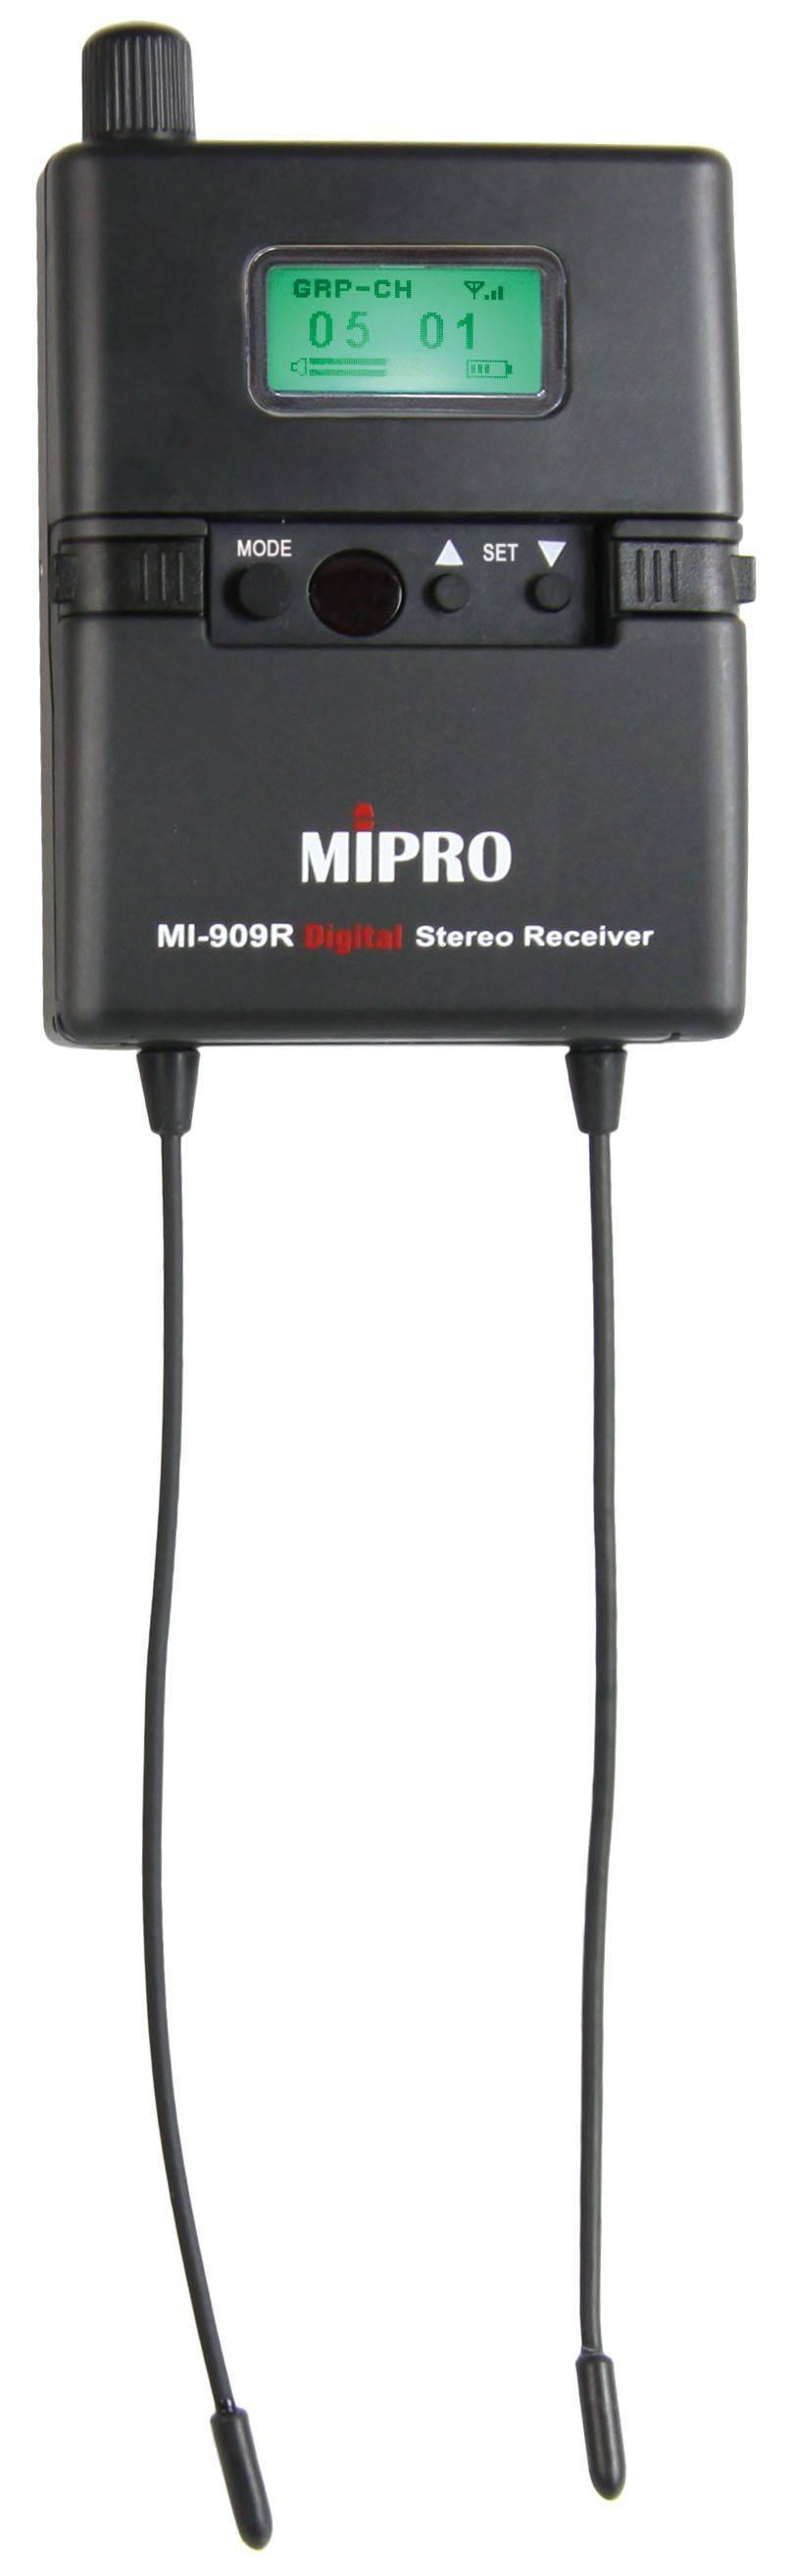 MI-909R